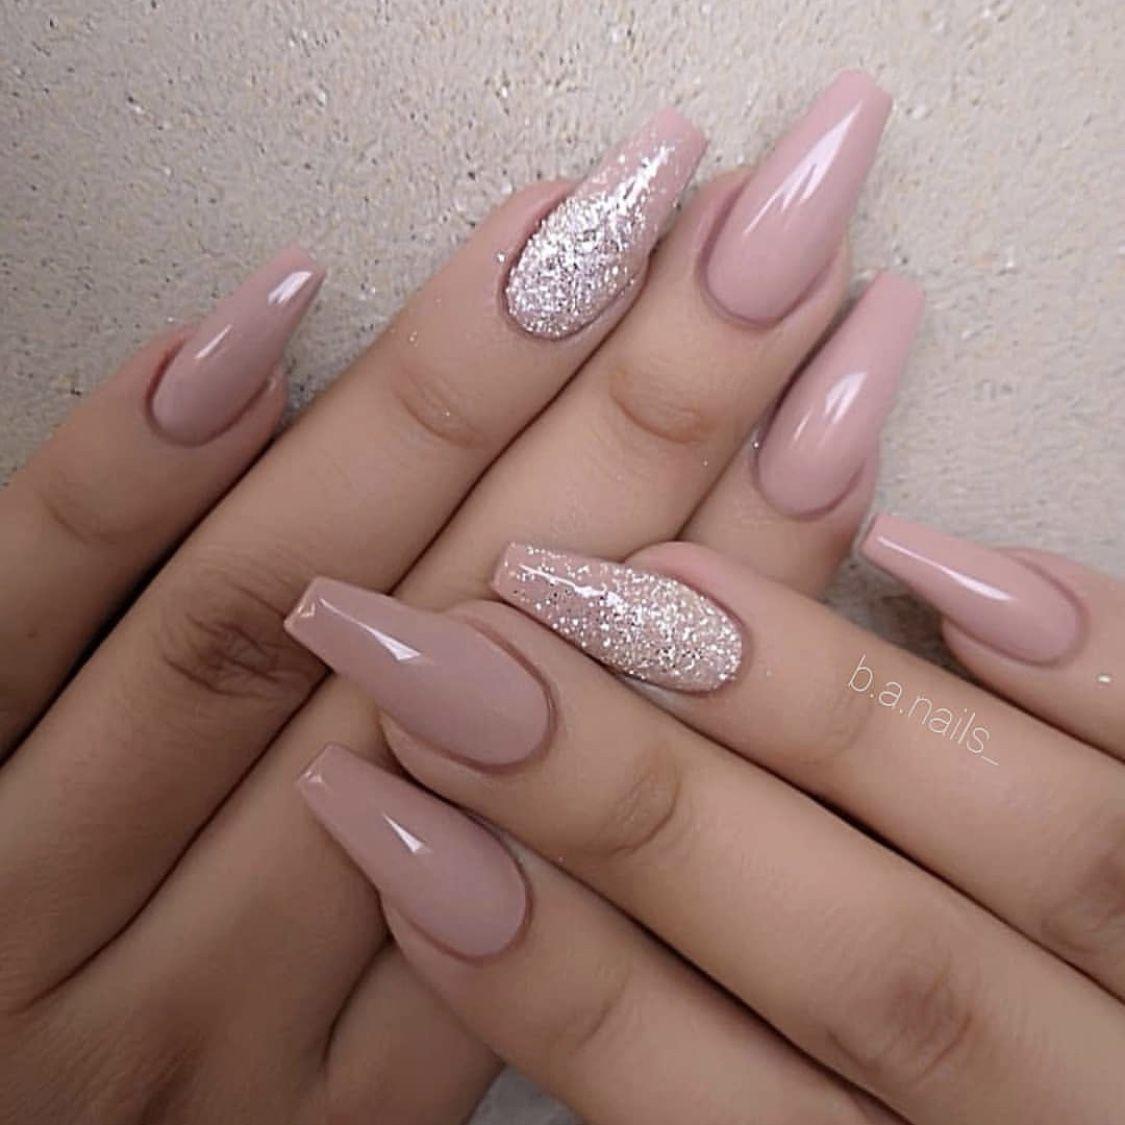 Pin By Beruska Sedmitecna On Nails Design Nehtu Umele Nehty Gelove Nehty